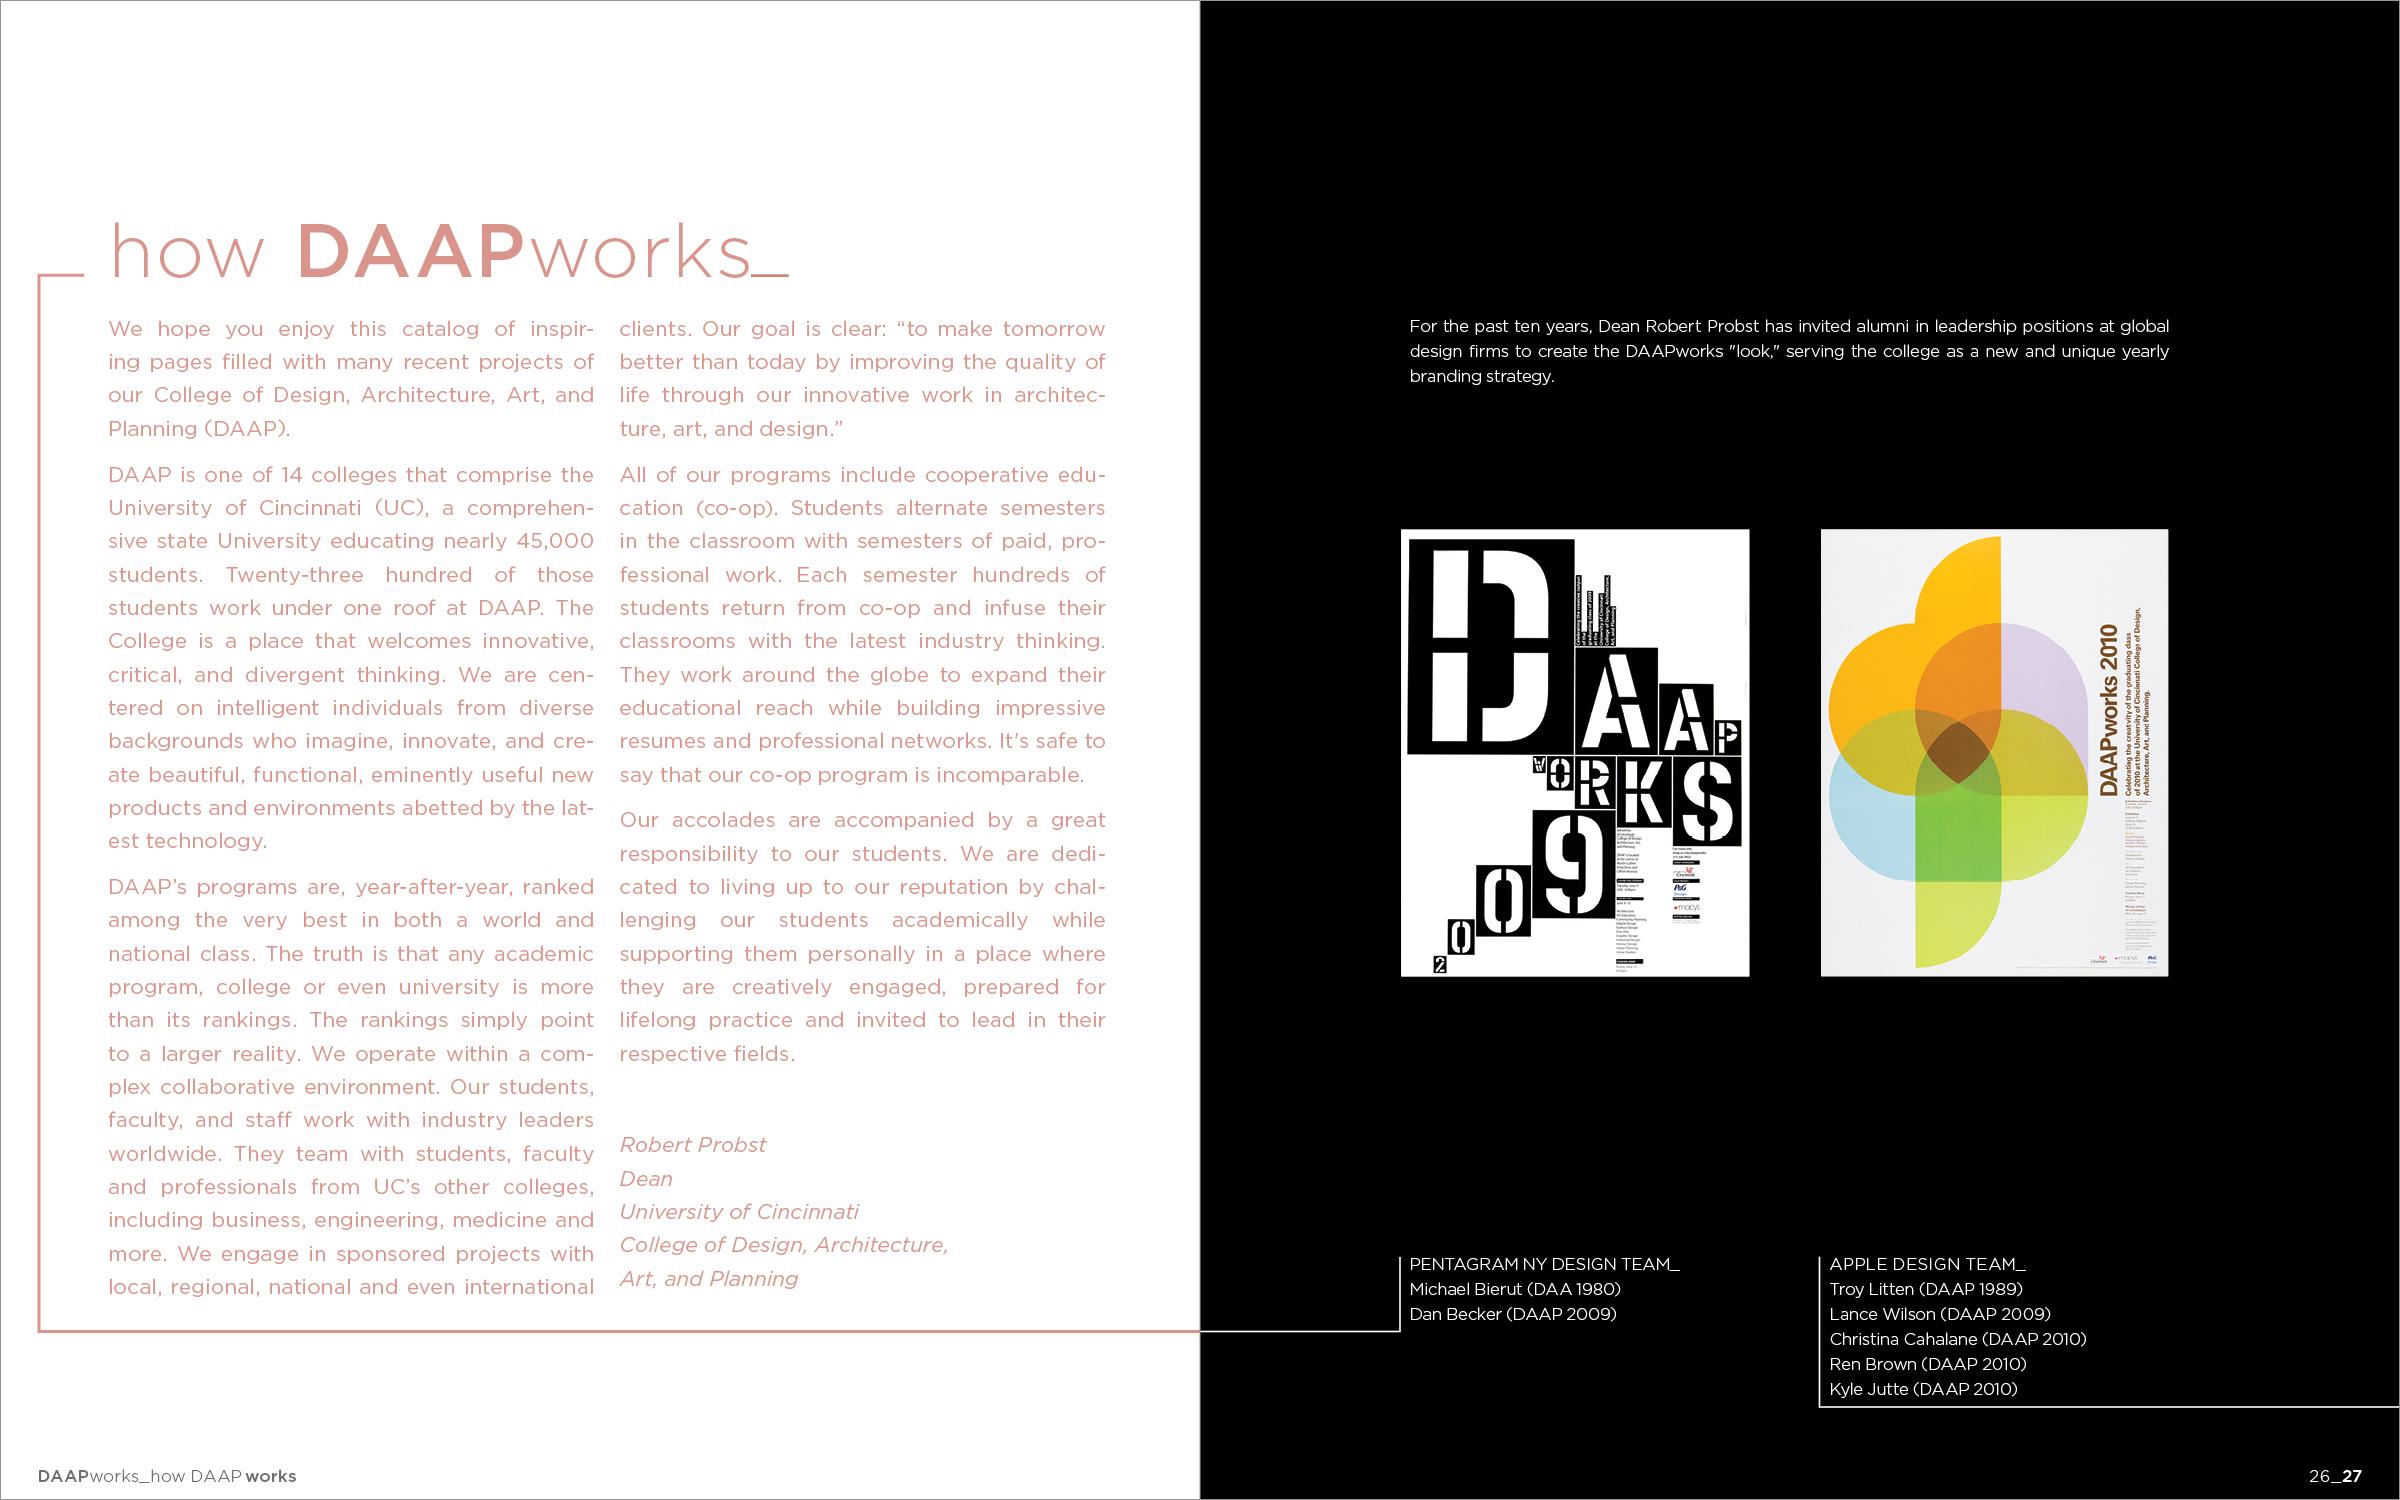 180319_DAAPworksBook15.jpg